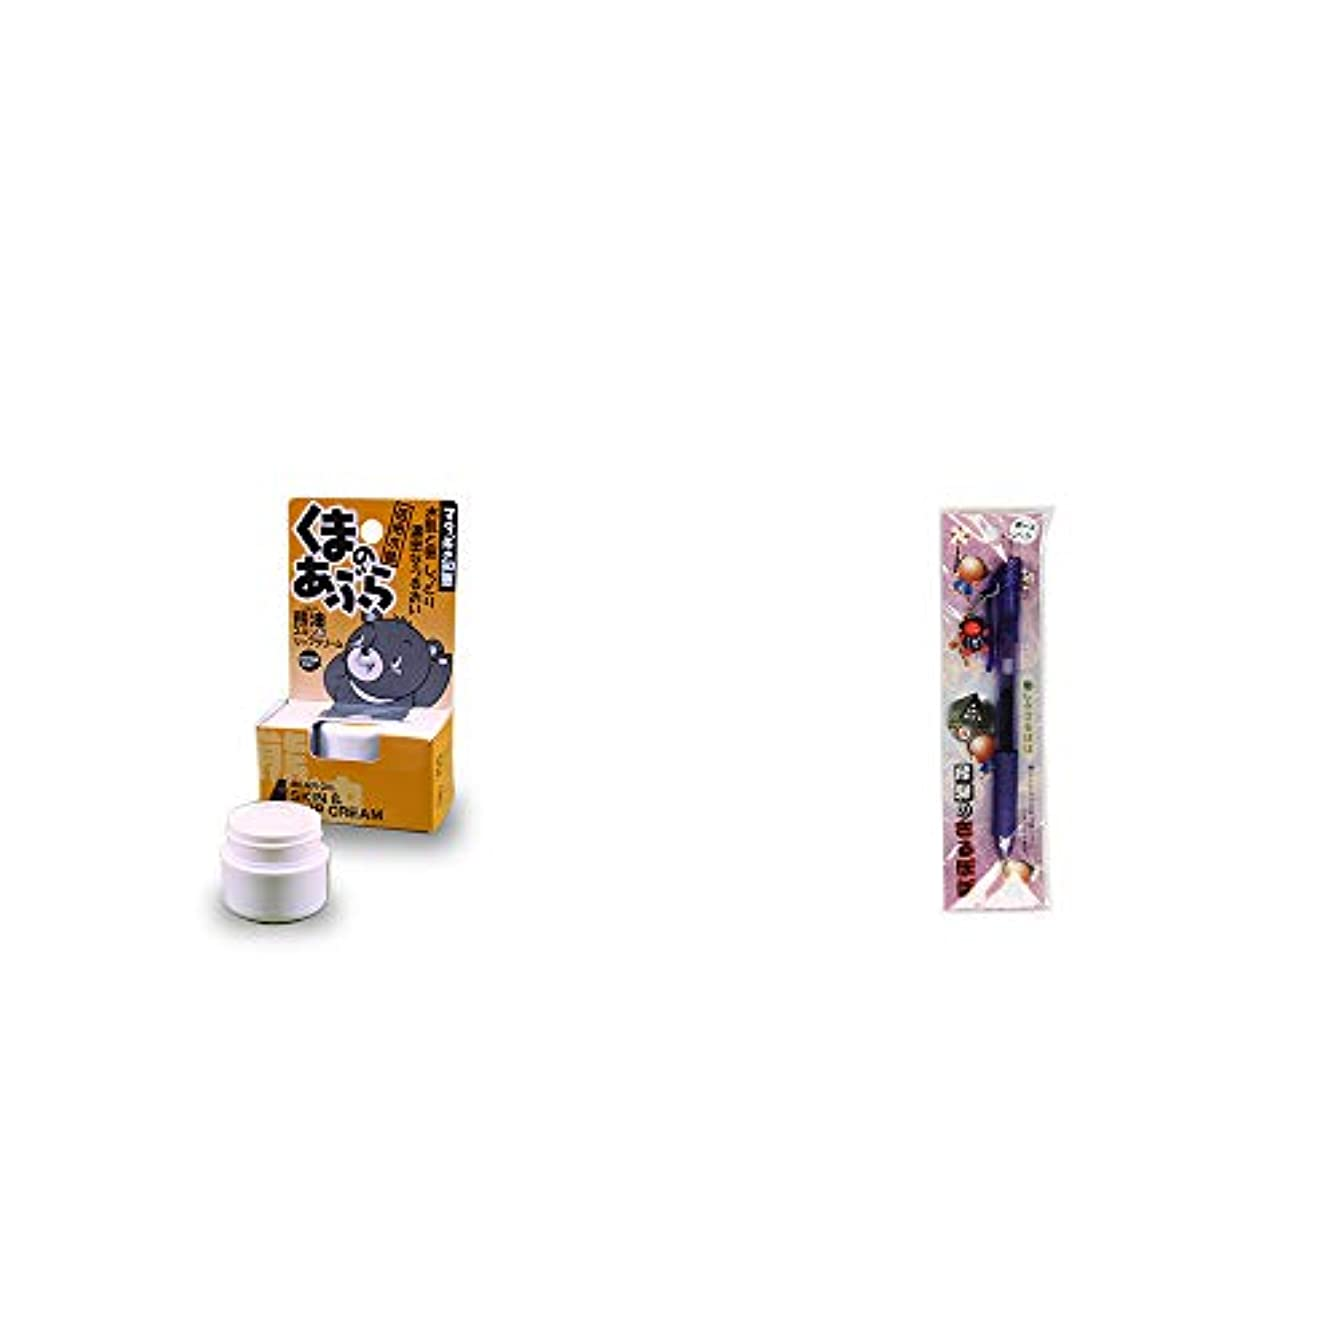 解凍する、雪解け、霜解け意志に反するロデオ[2点セット] 信州木曽 くまのあぶら 熊油スキン&リップクリーム(9g)?さるぼぼ 癒しボールペン 【パープル】